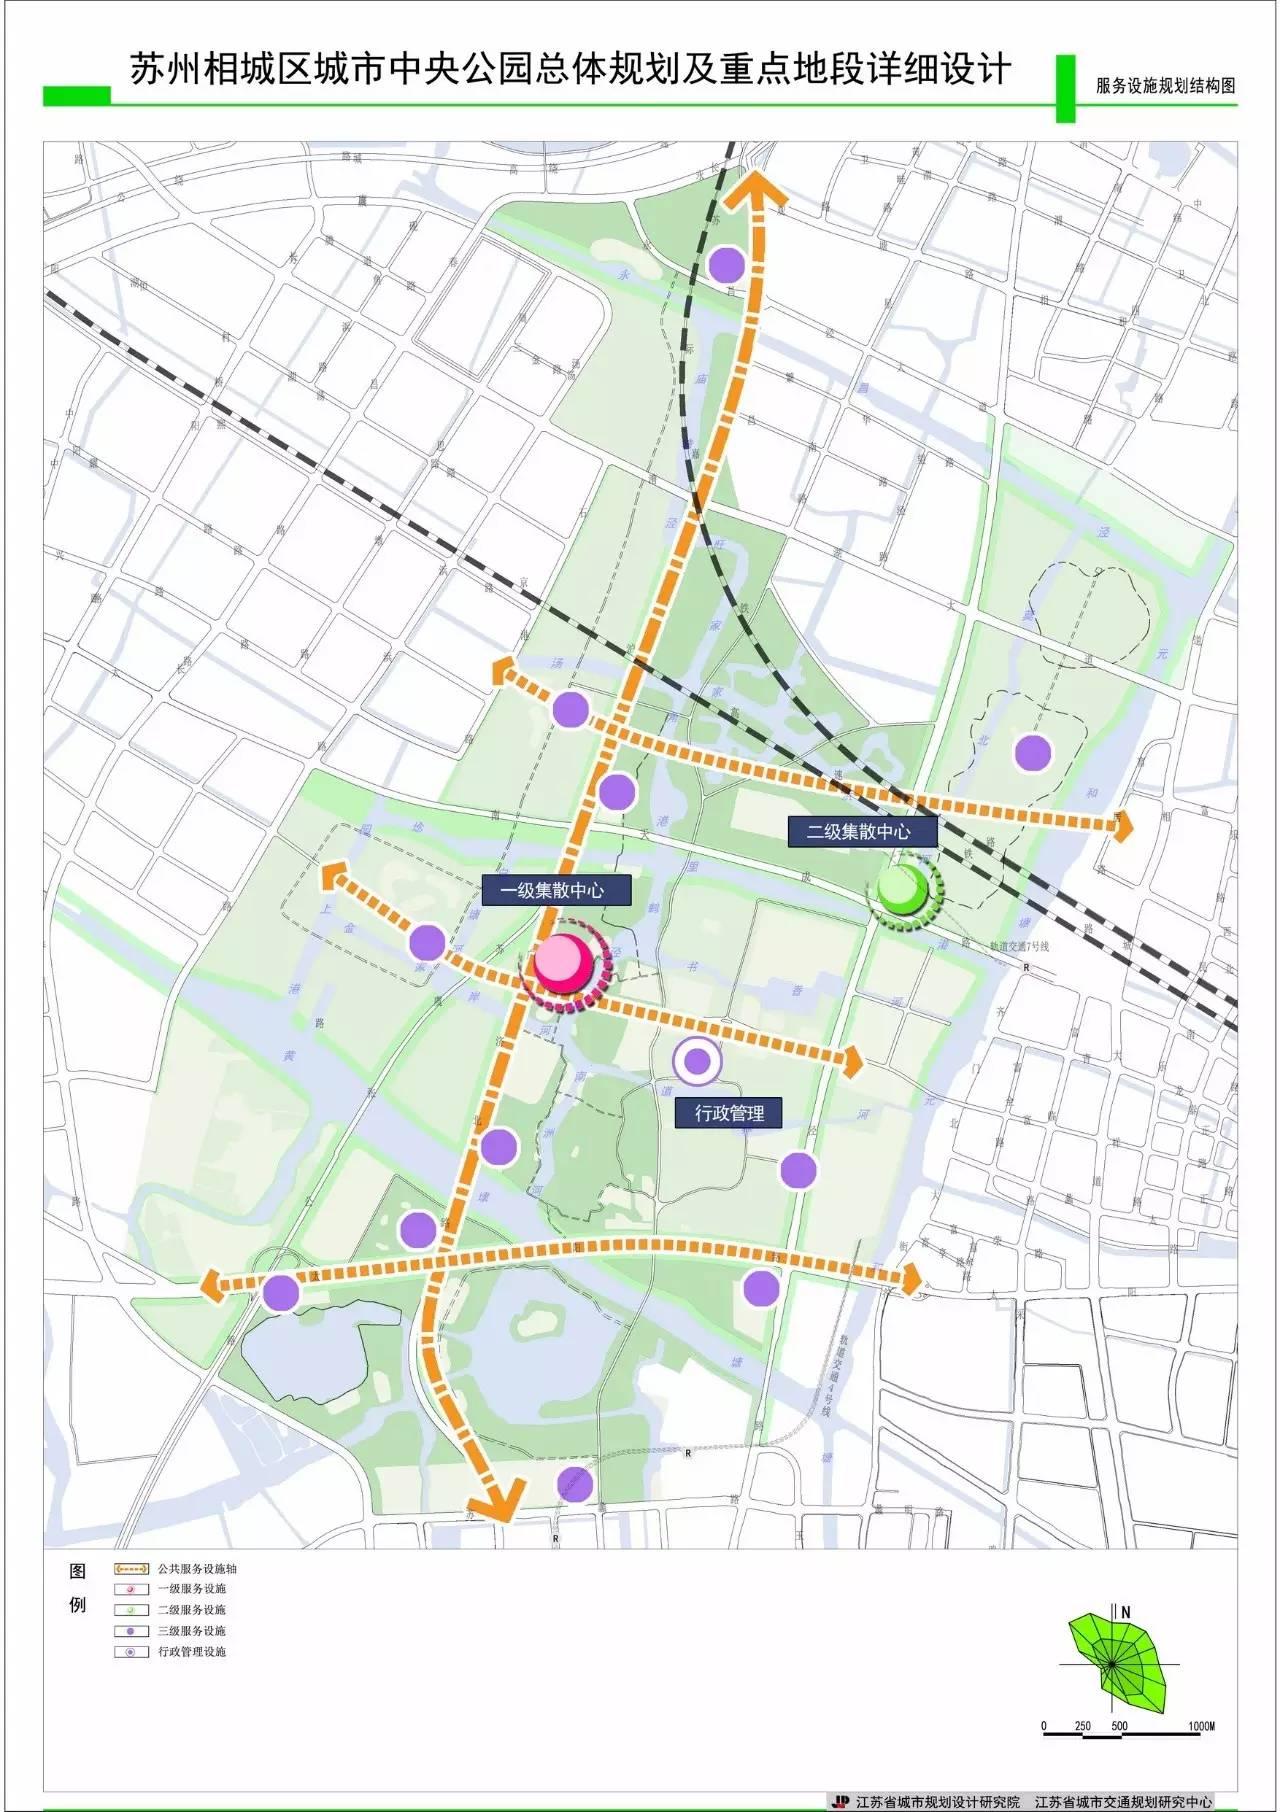 苏州市相城区邮编_相城区要建城市中央公园,总体规划已公示!